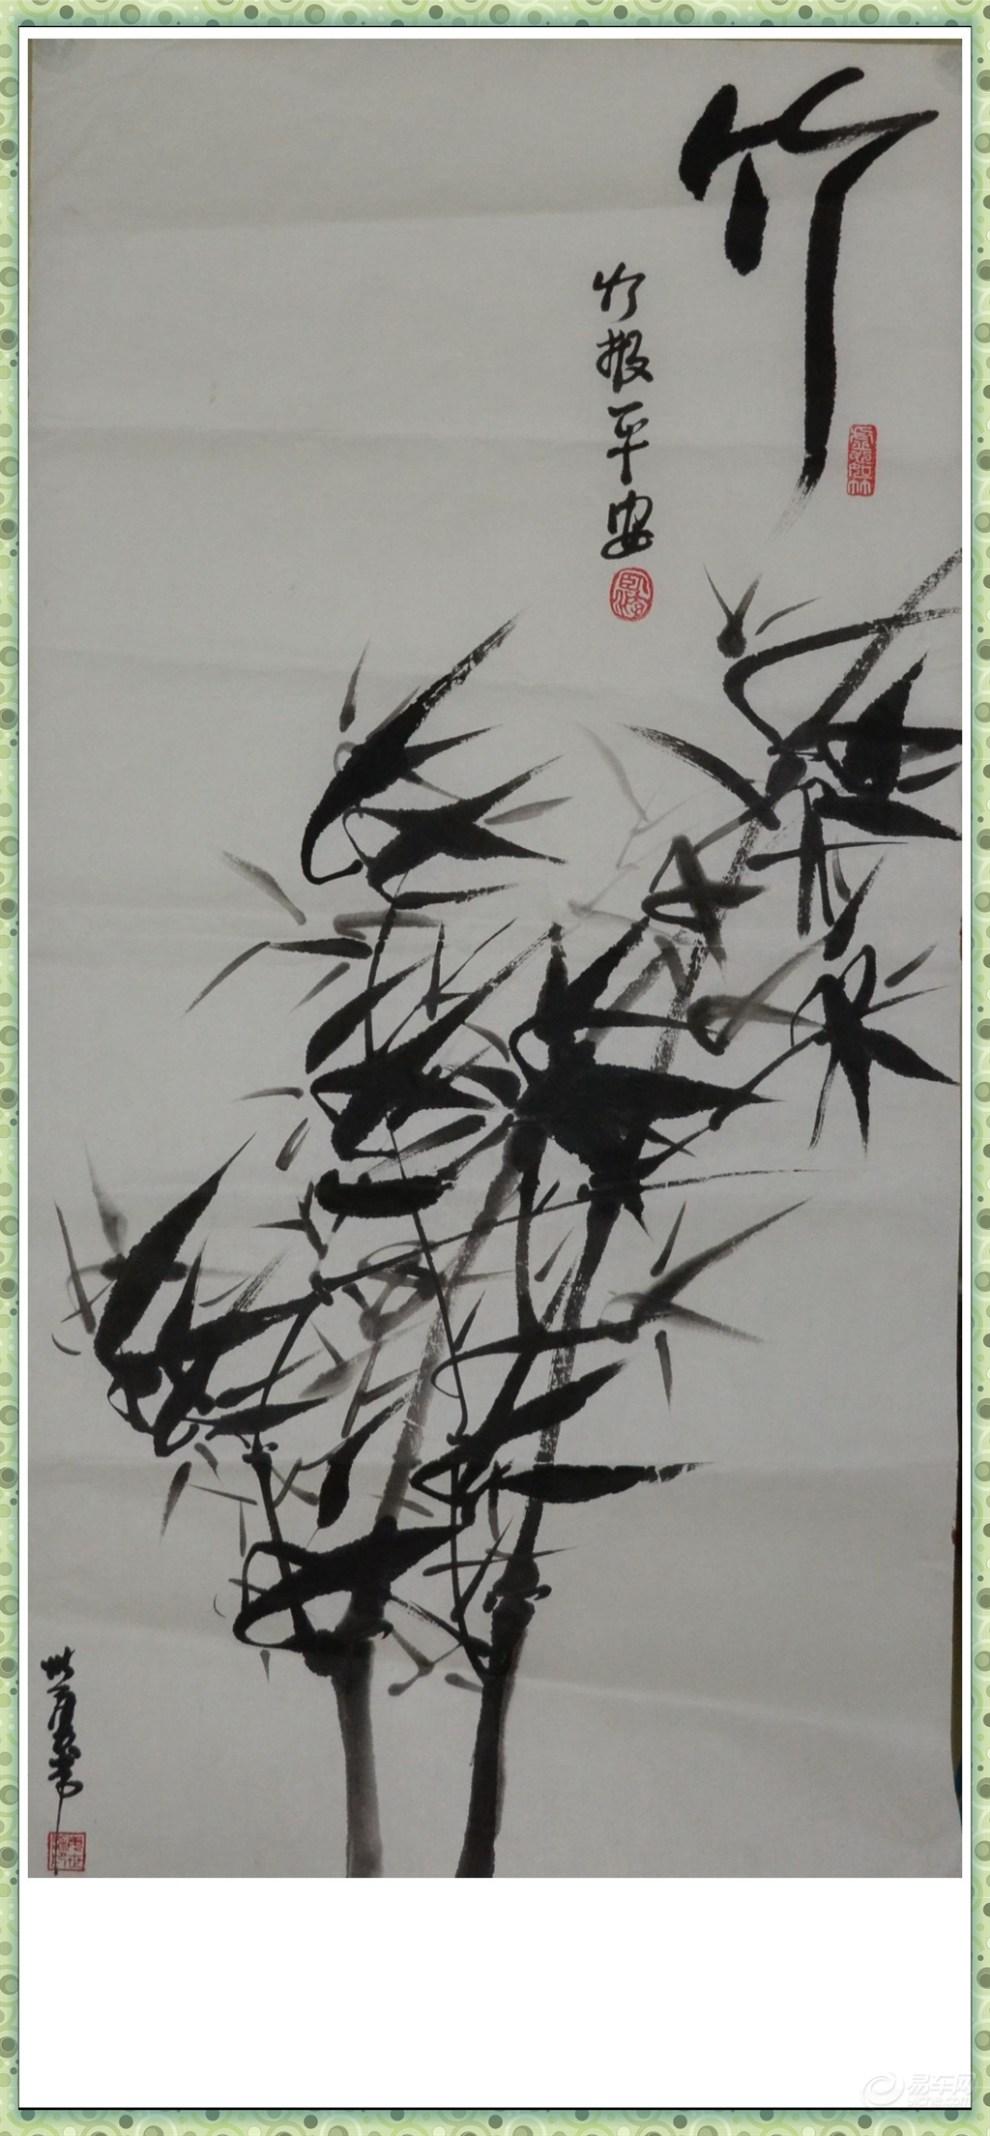 练习国画竹子的画法】】